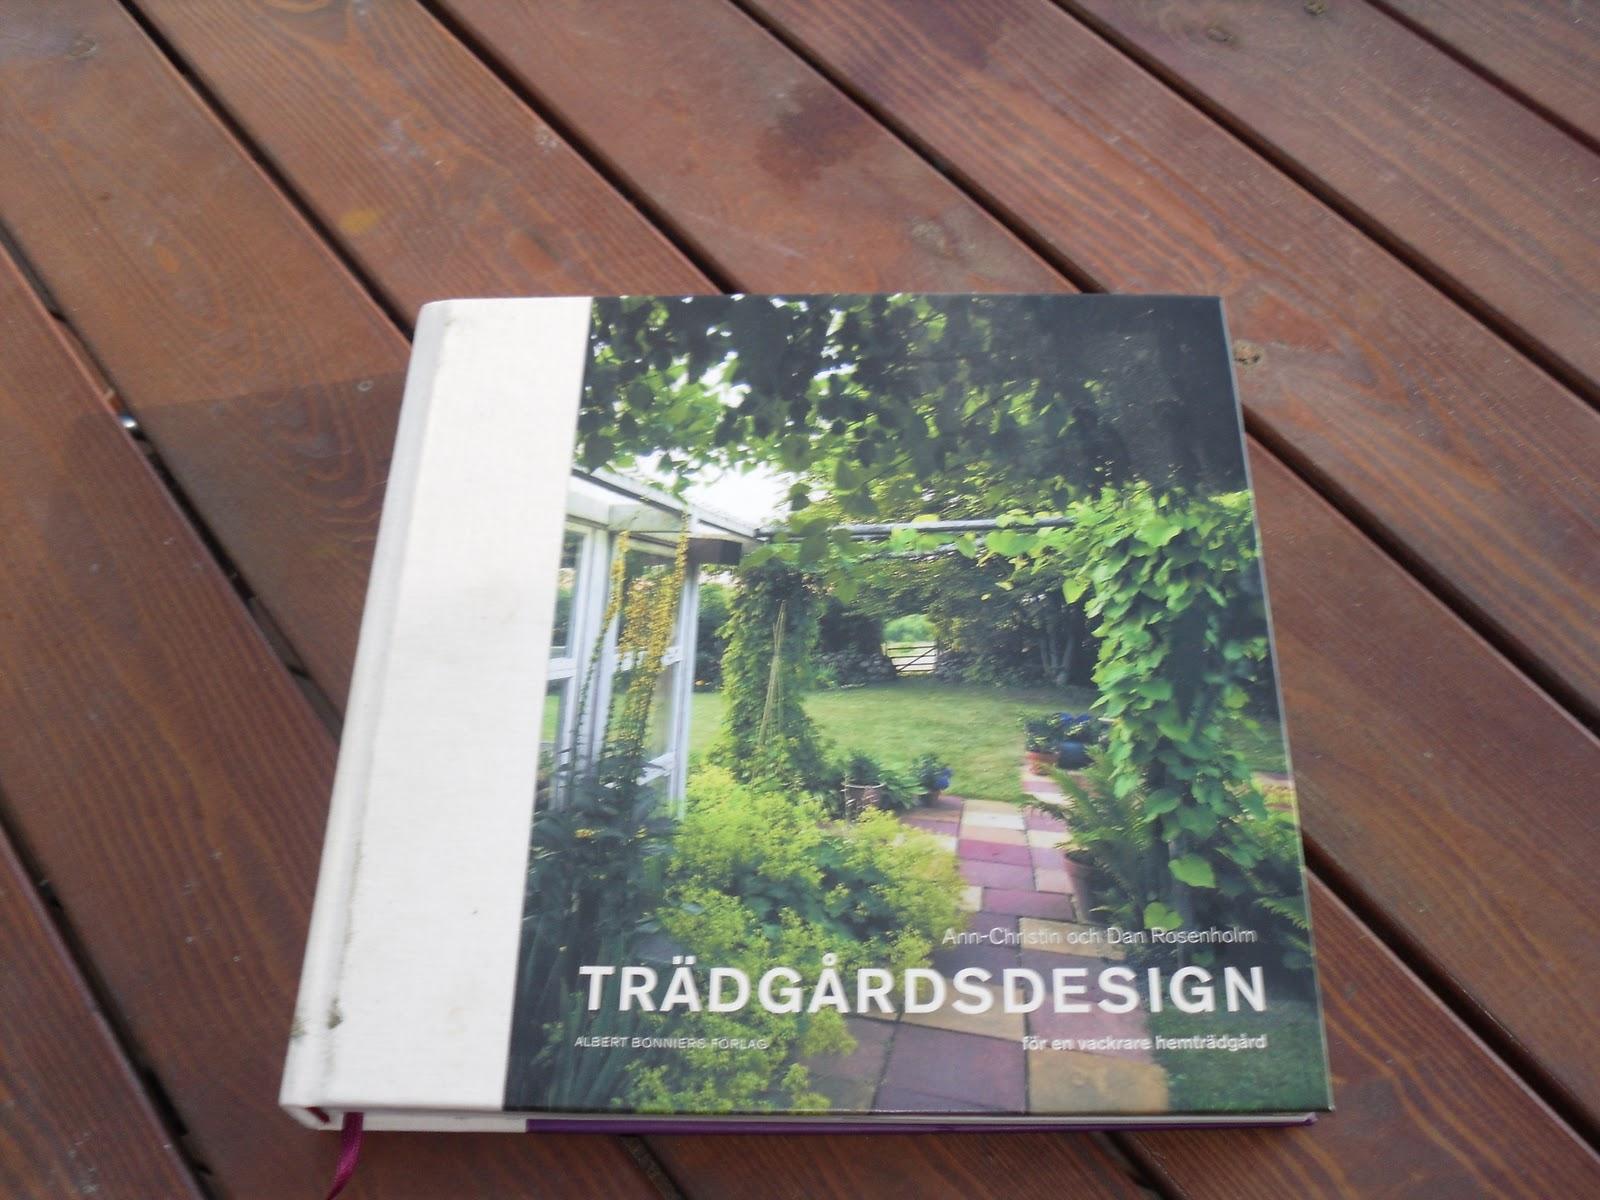 Garden of sense: läsinspiration i väntan på trädgårdsarbete